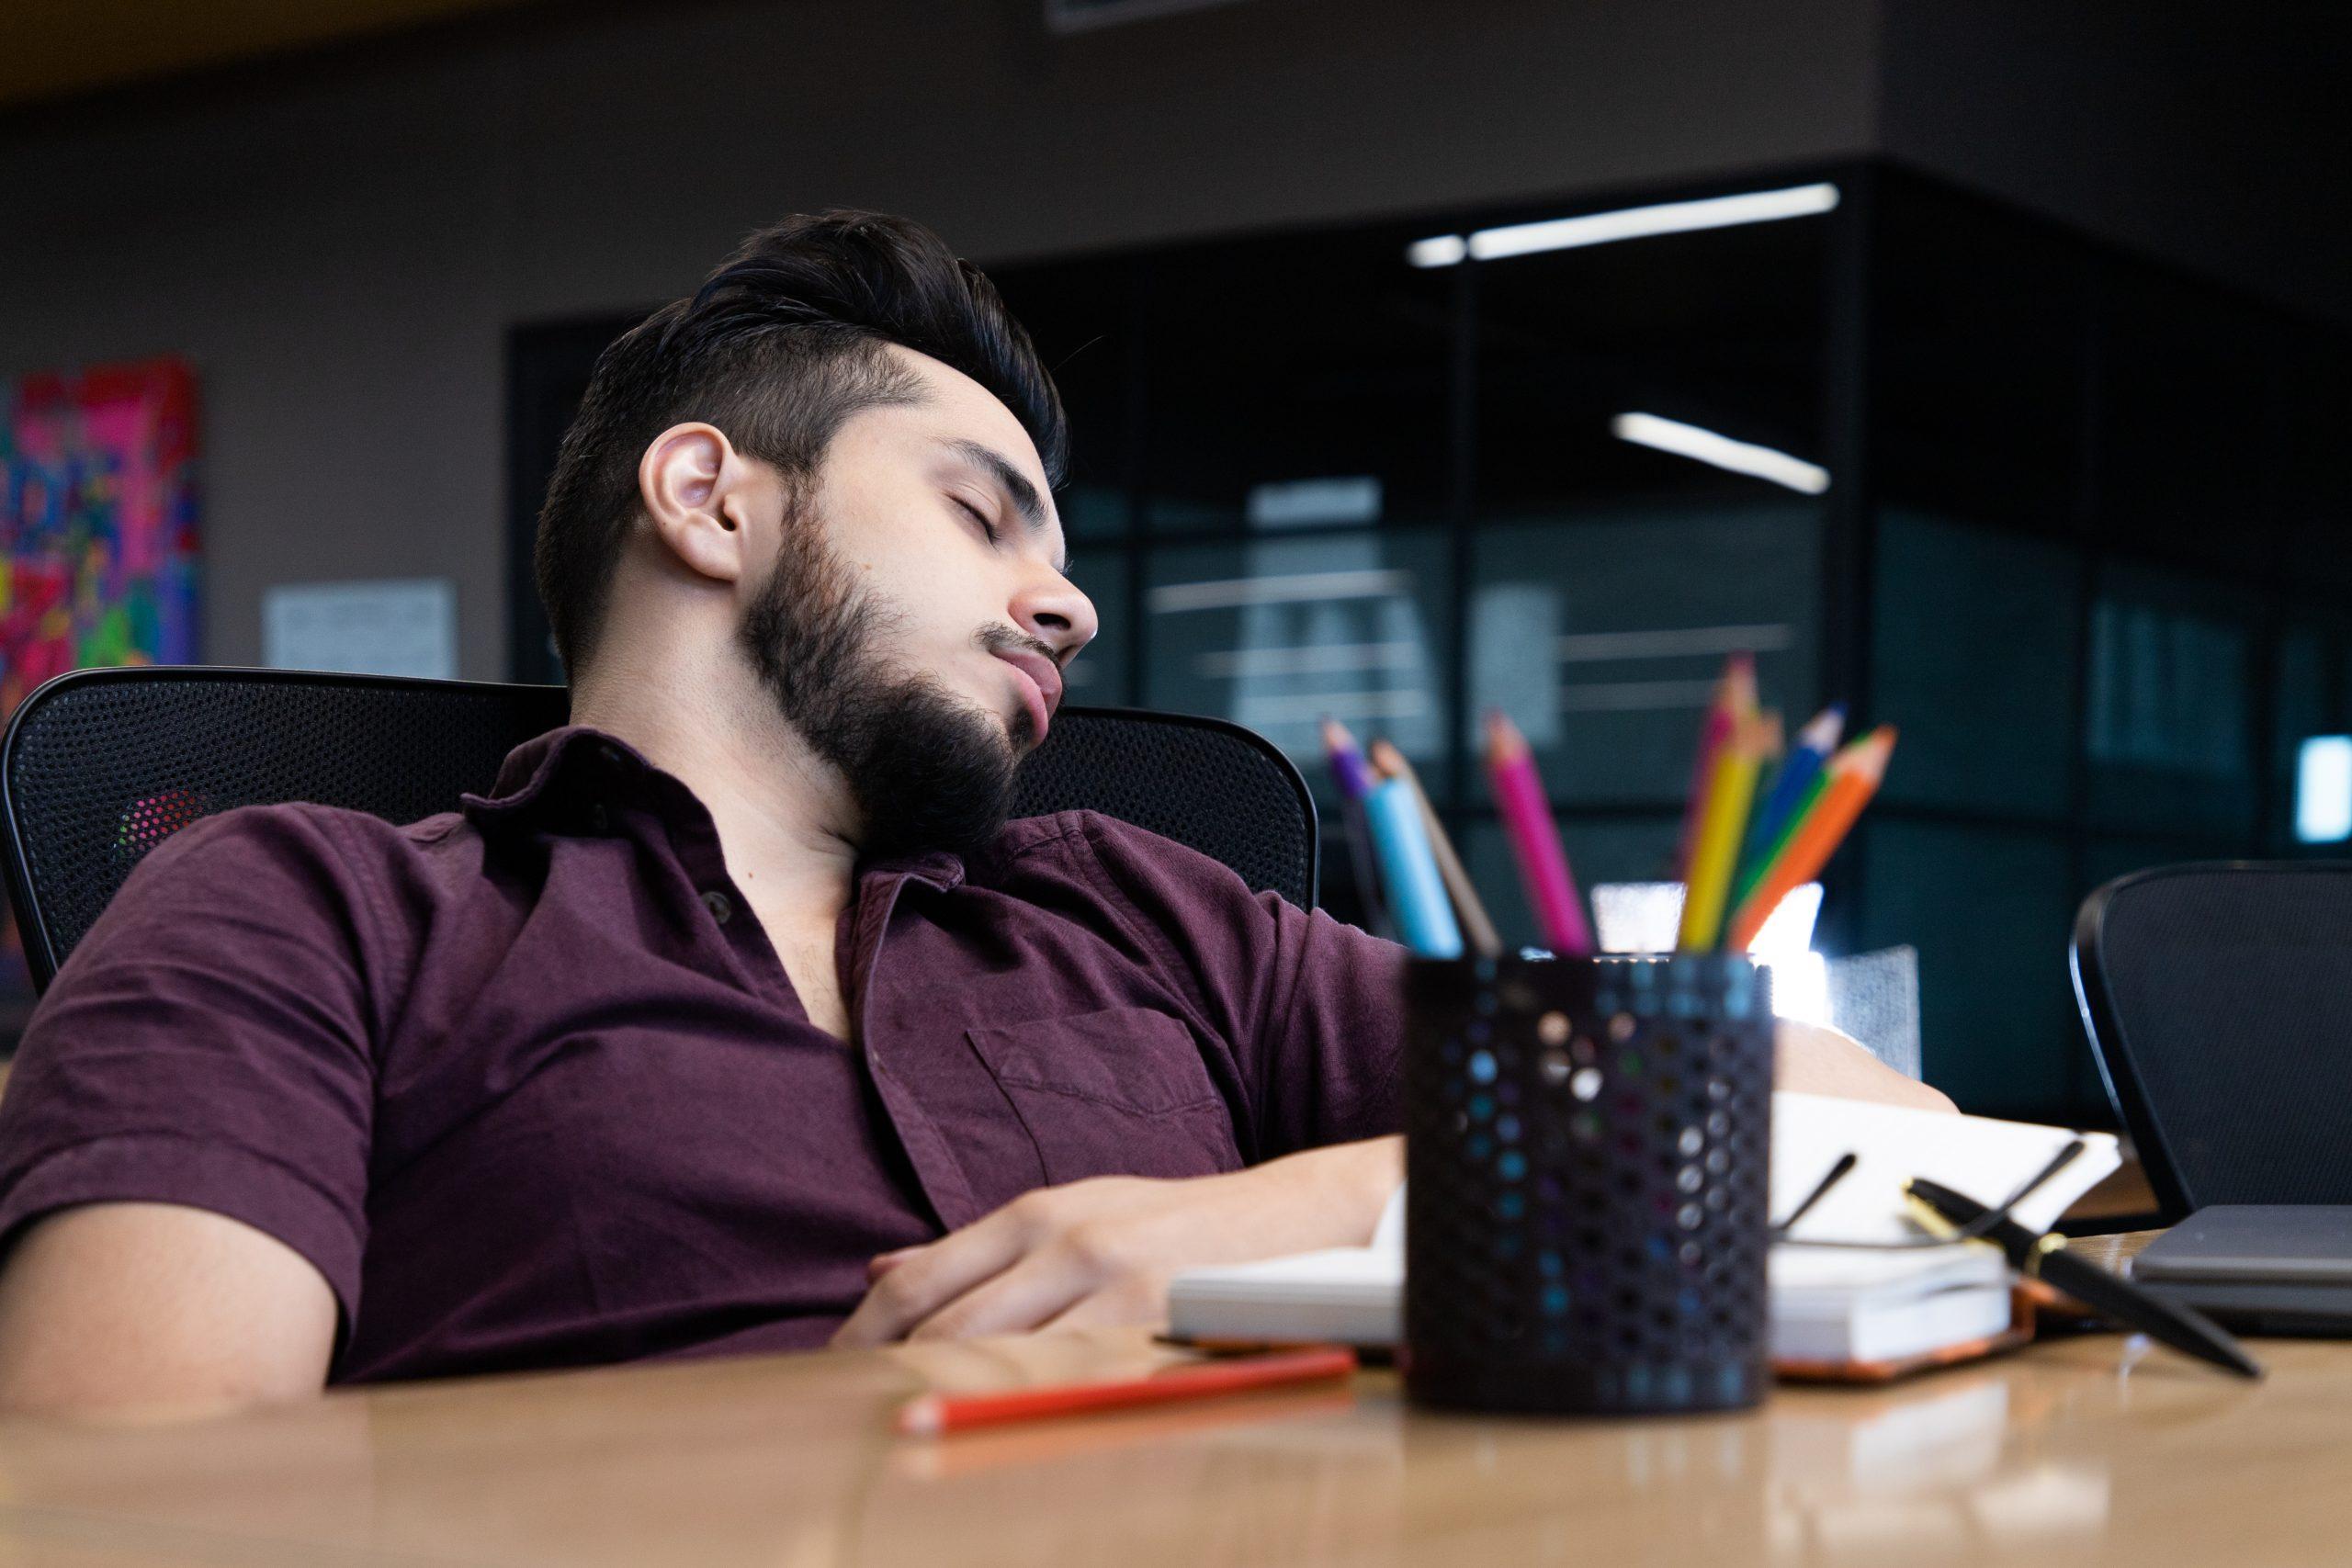 Tired employee sleeping